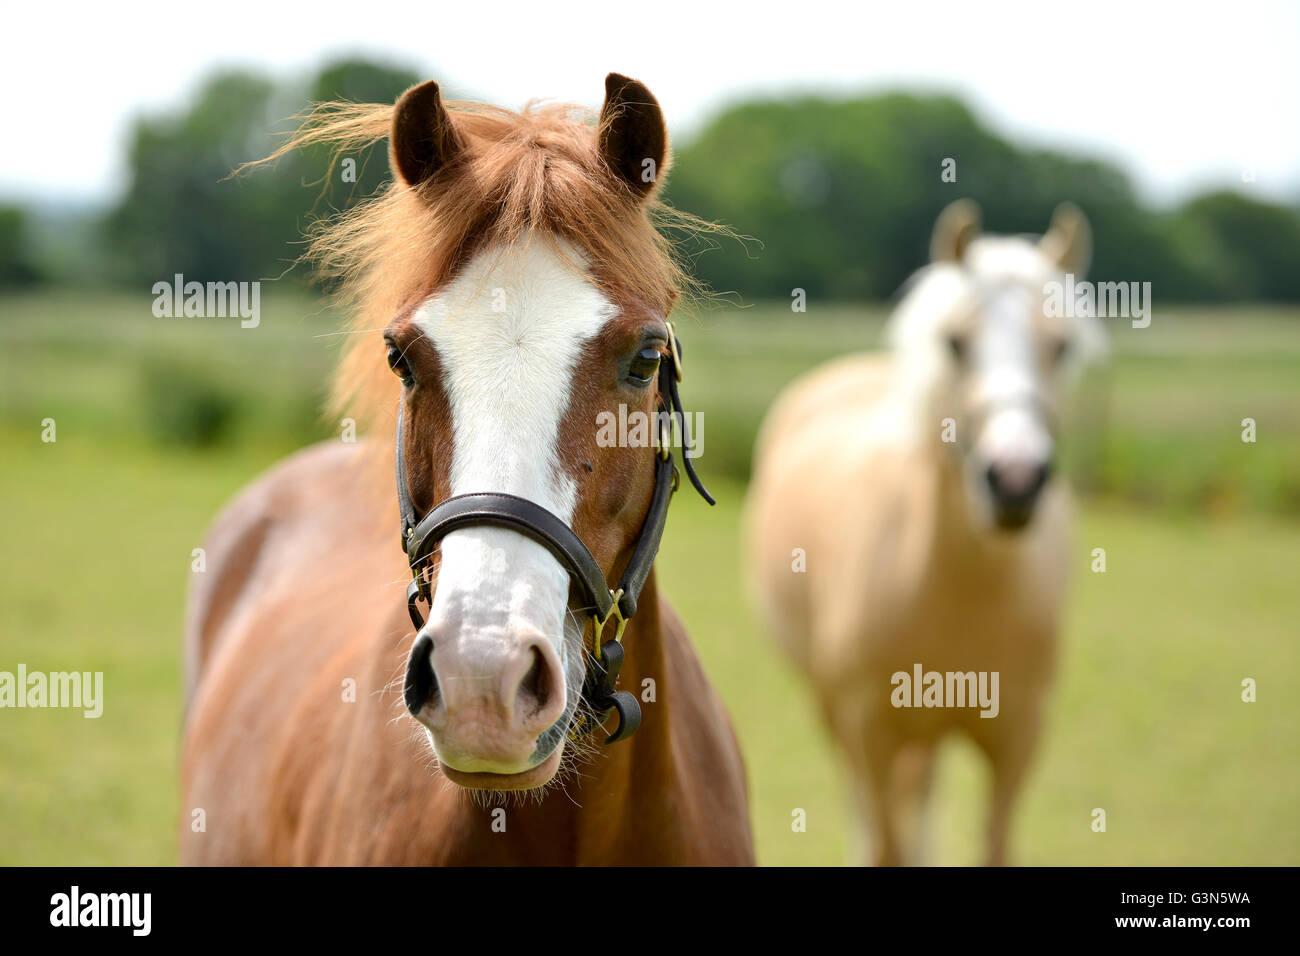 Los jóvenes caballo pálido (potra) Imagen De Stock